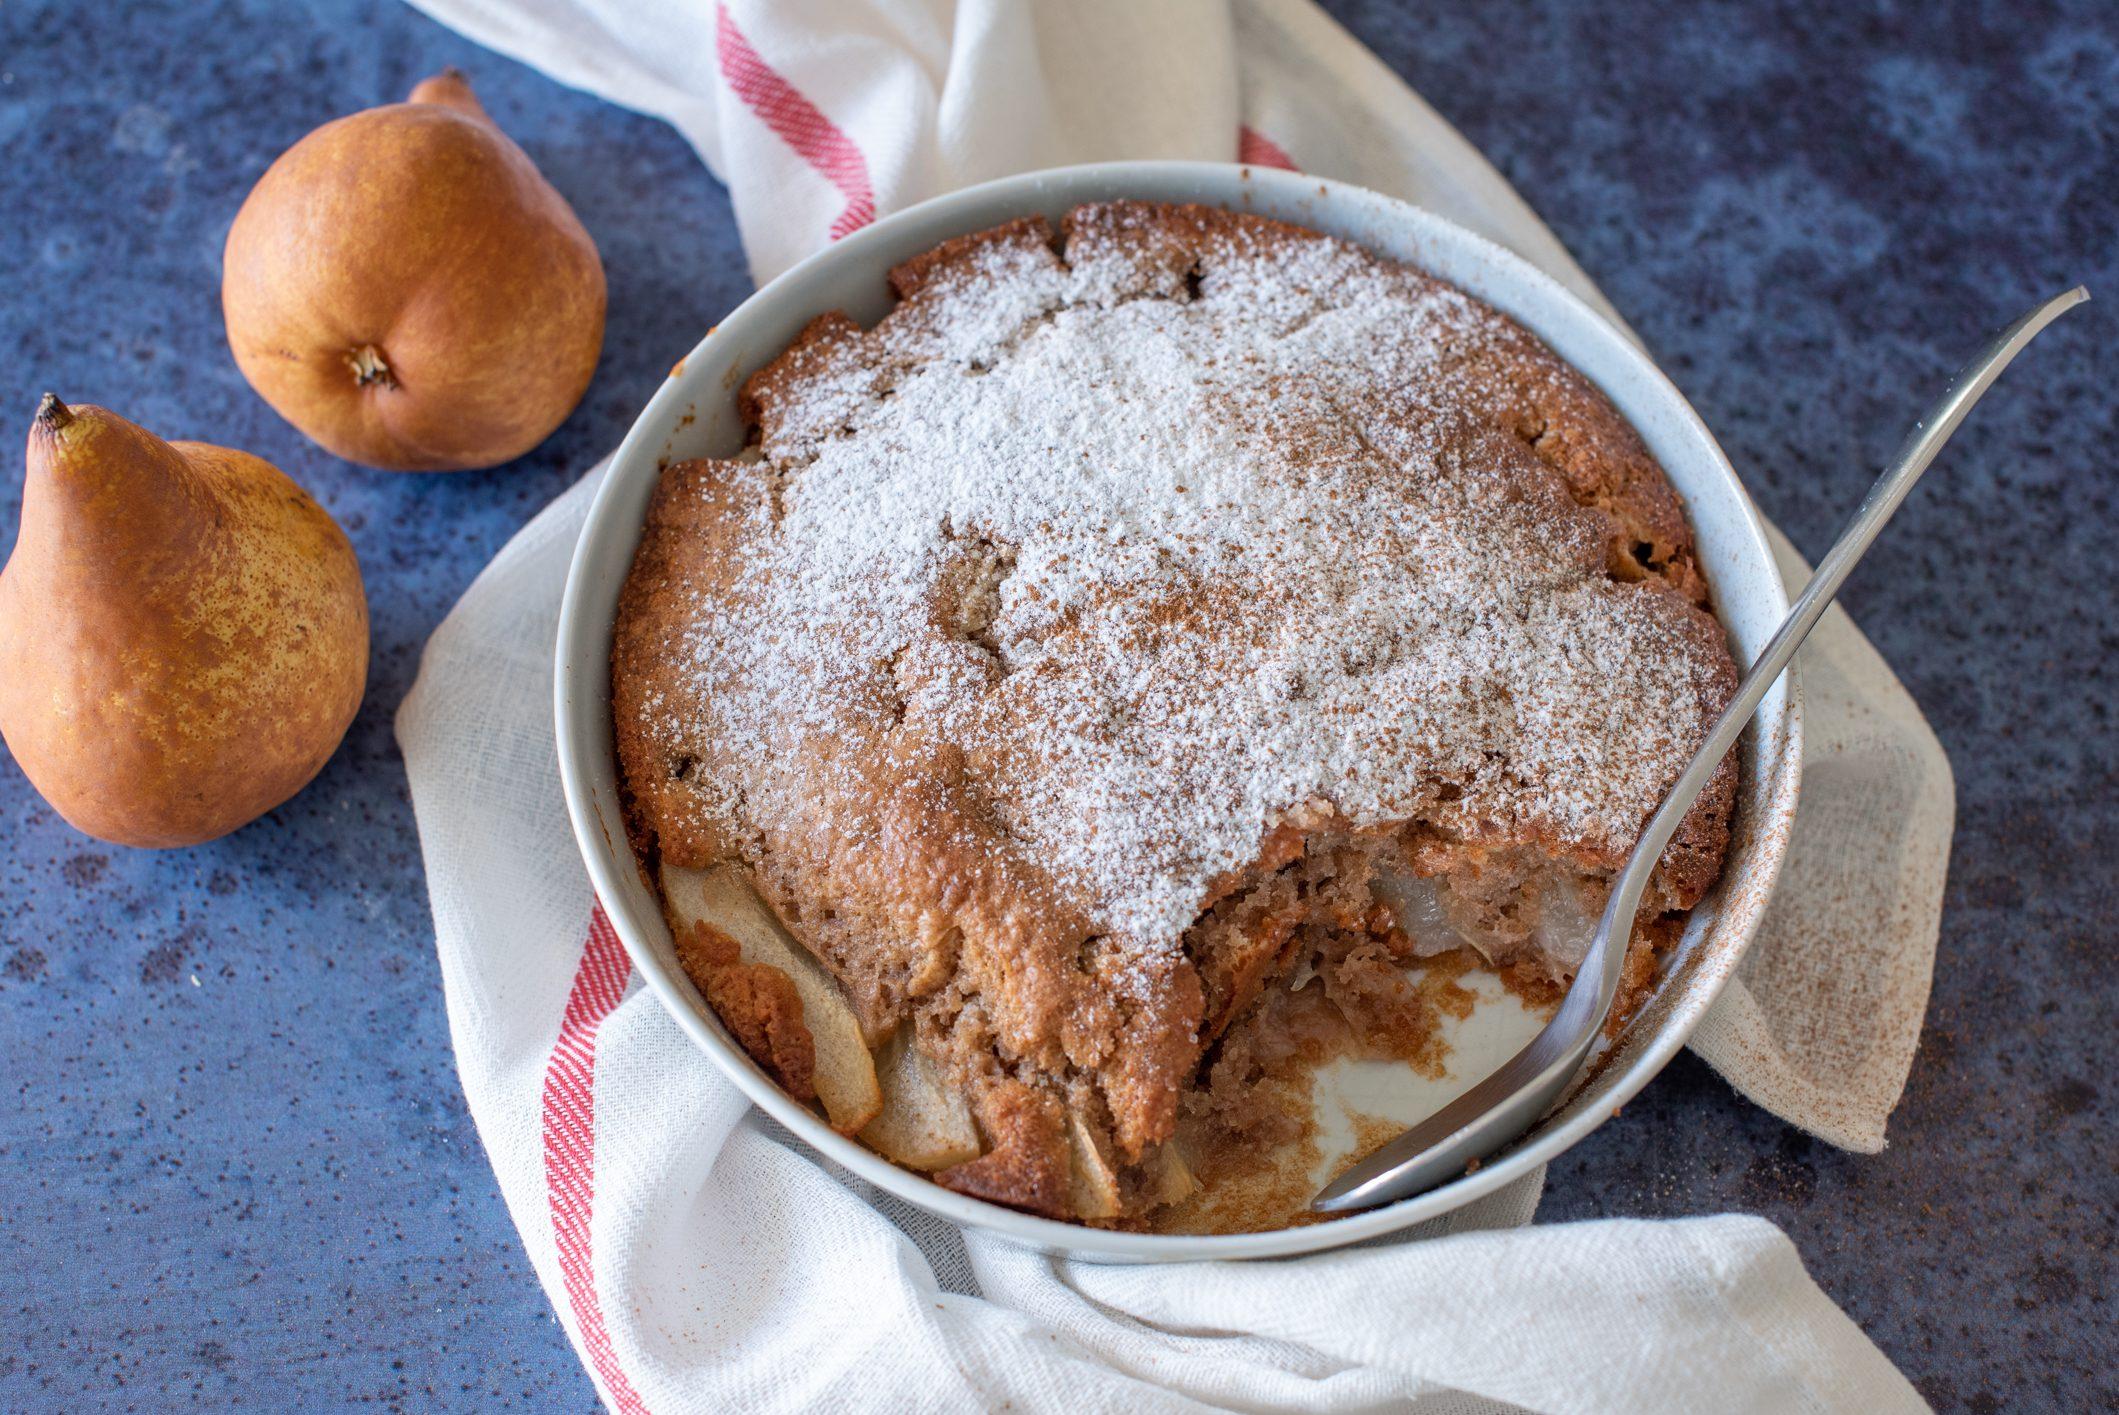 Cobbler di pere alla cannella: la ricetta del dolce anglosassone burroso e invitante